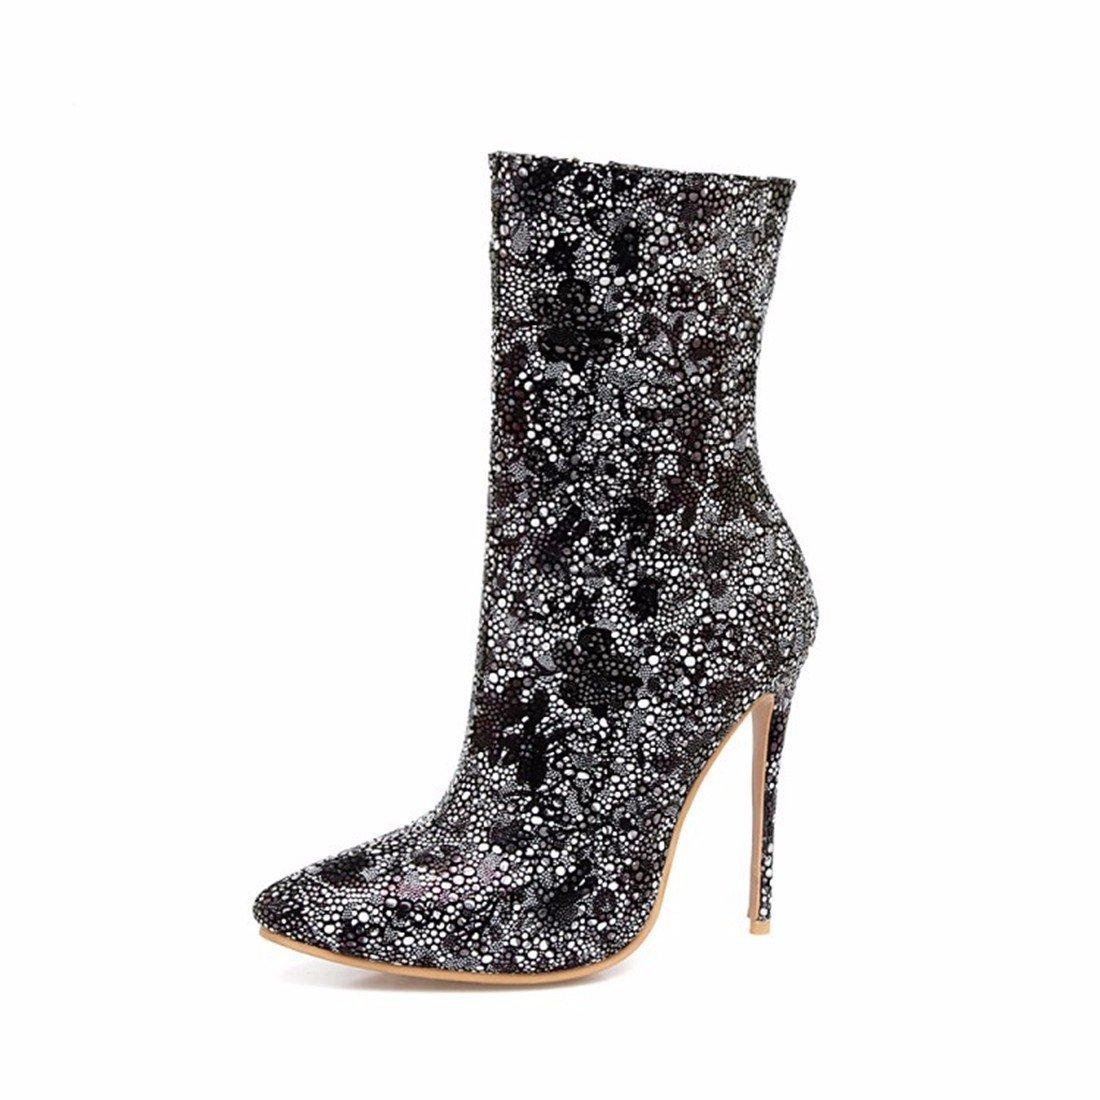 Noir Européenne et Américaine classique hautes chaussures de talon haut talon US9   EU40   UK7   CN41